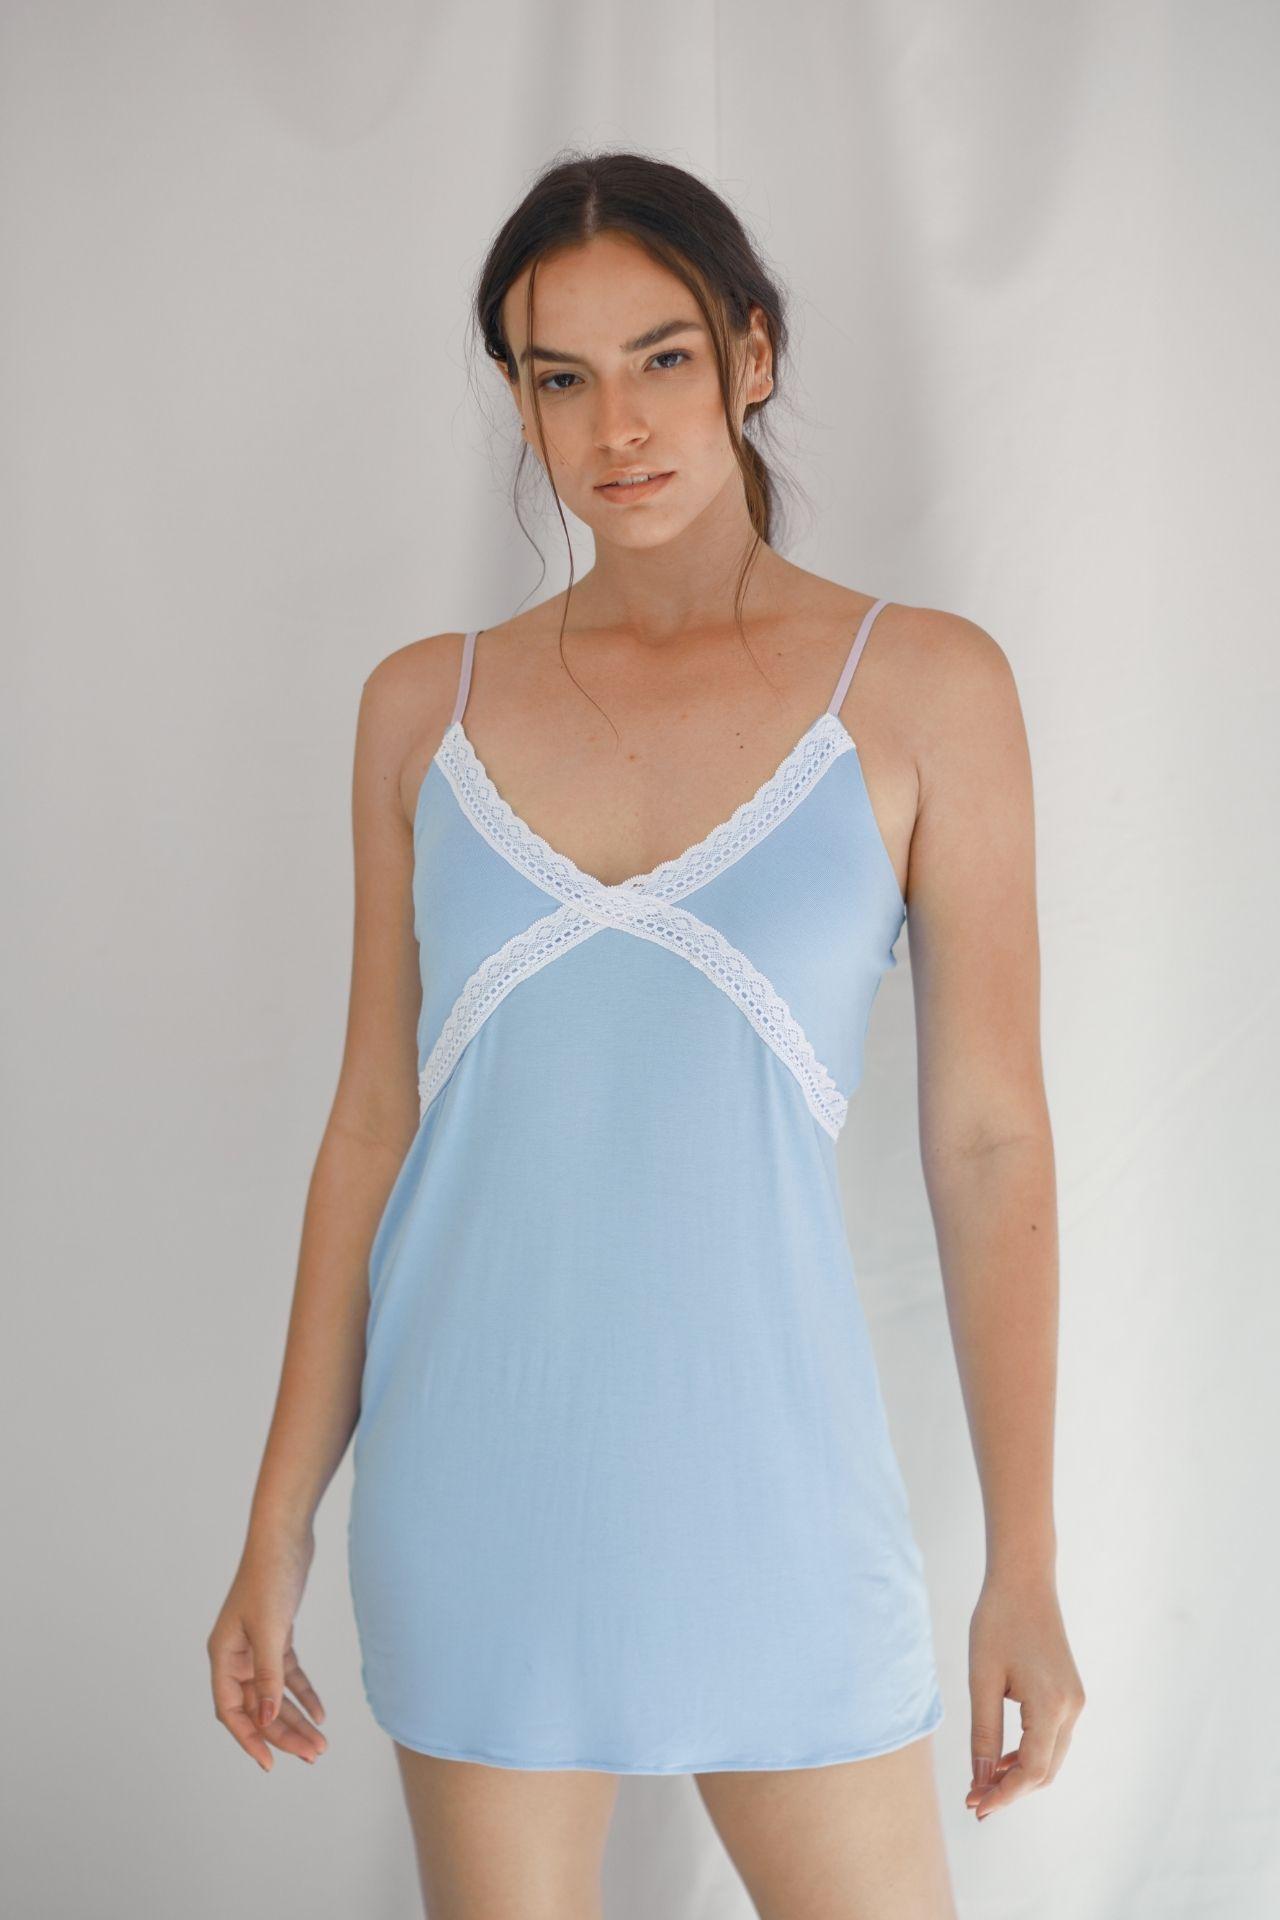 Vestido de pijama en algodón viscosa, para mayor frescura, con detalles de encaje blanco y tiras celestes regulables.  Talla S: busto (88 cm) cintura (86 cm) cadera (90 cm) largo (68 cm)  Talla M:busto (91 cm) cintura (89 cm) cadera (93 cm) largo (70 cm)